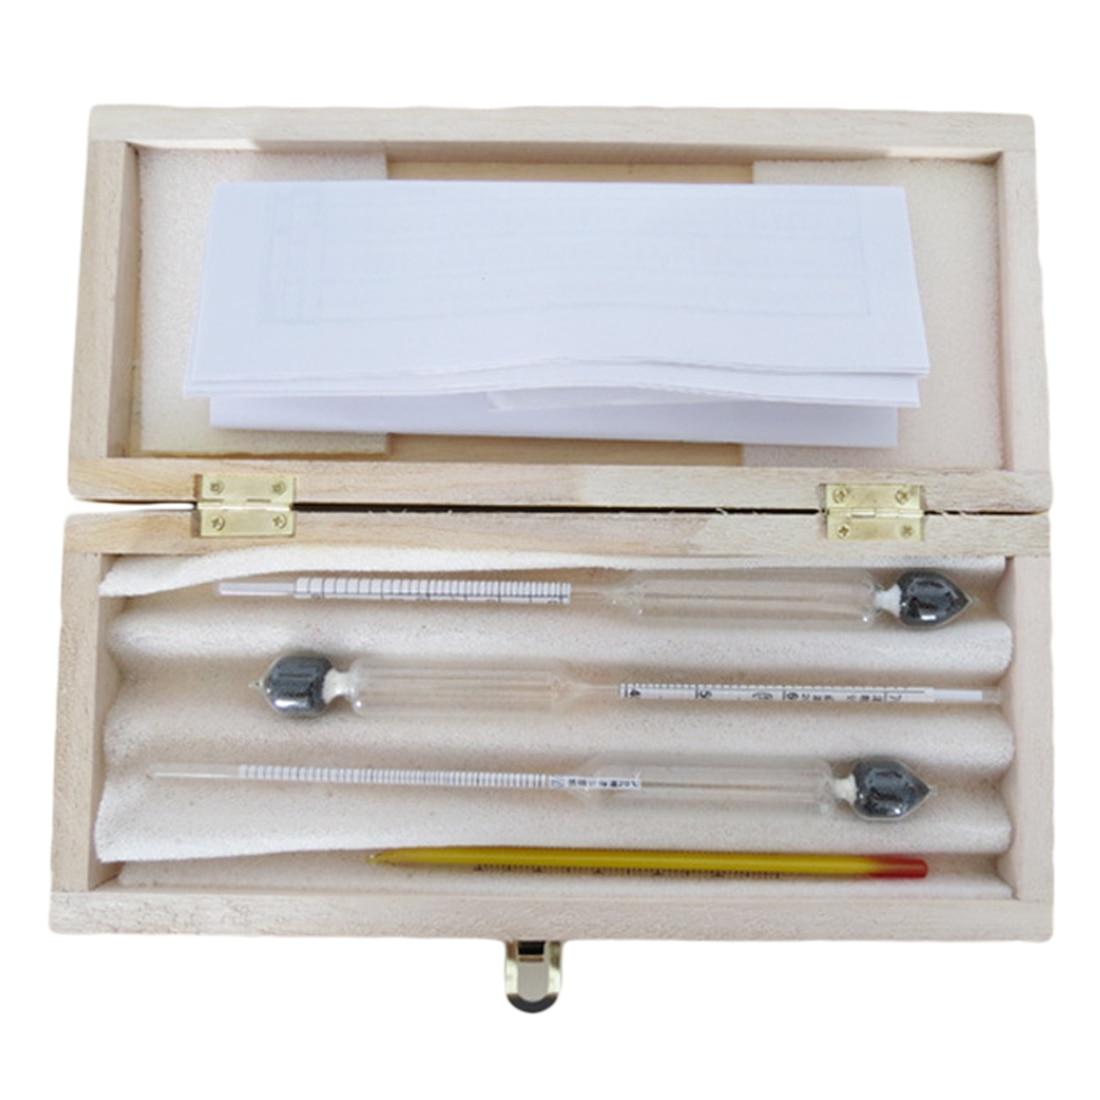 3 teile/satz Alcoholmeter Alkohol Meter wein Konzentration Meter Alkohol Messung Werkzeug Instrument Hydrometer Tester